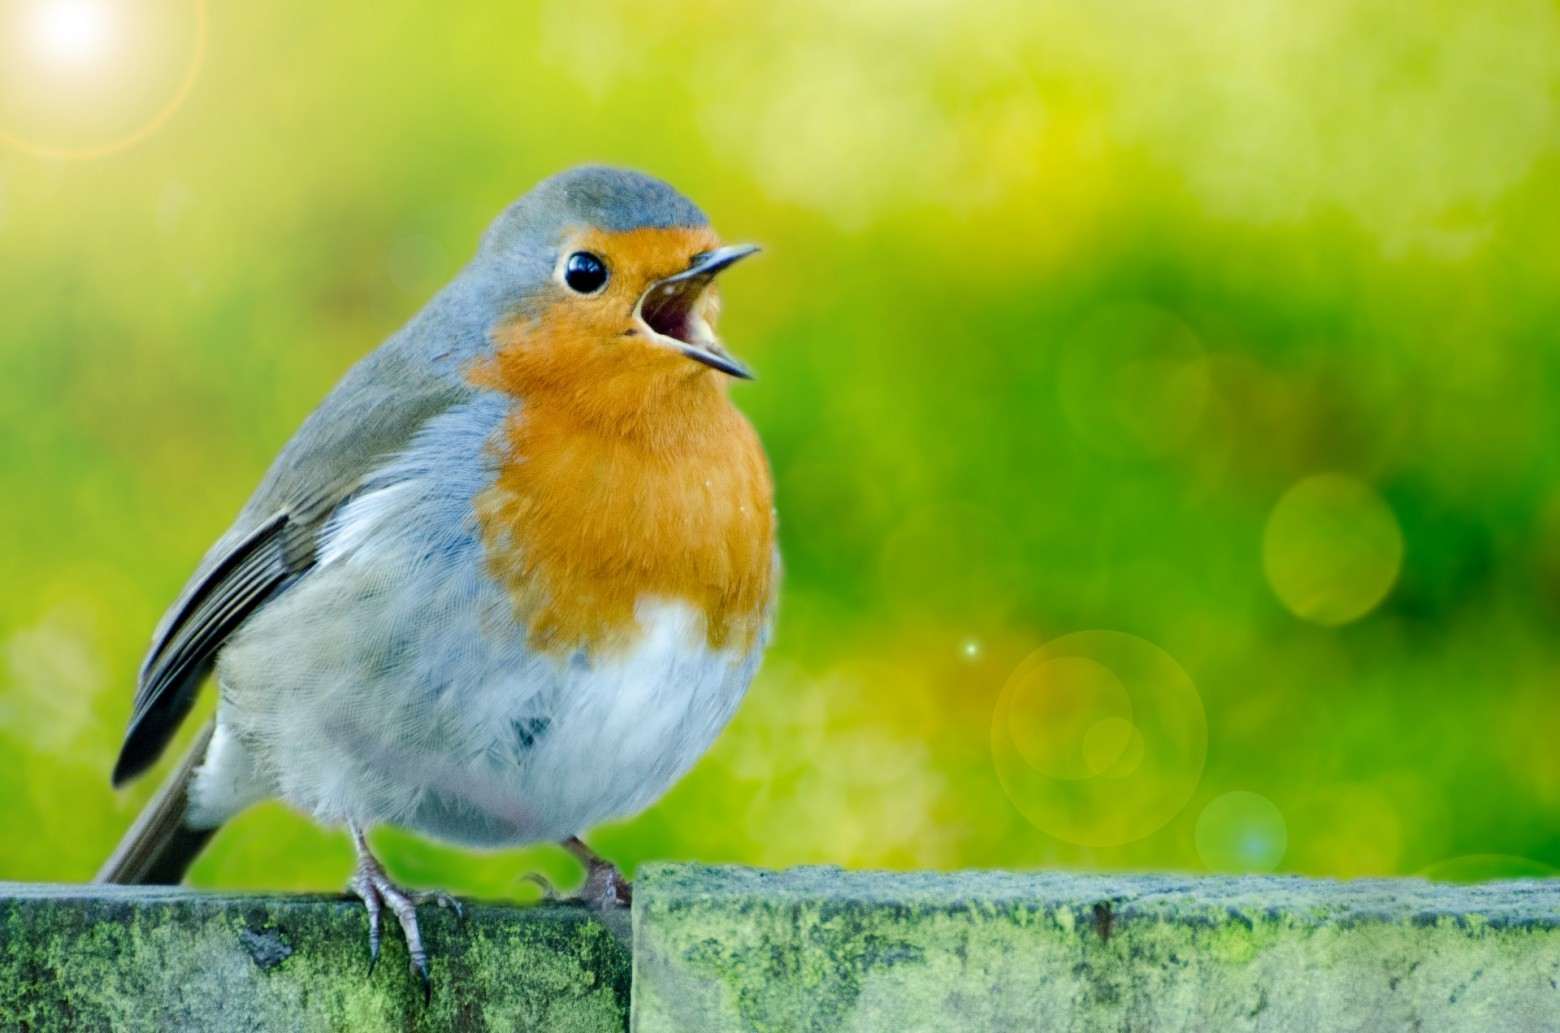 Oiseau Le Merle Images Photos Gratuites | Images Gratuites intérieur Images D Oiseaux Gratuites